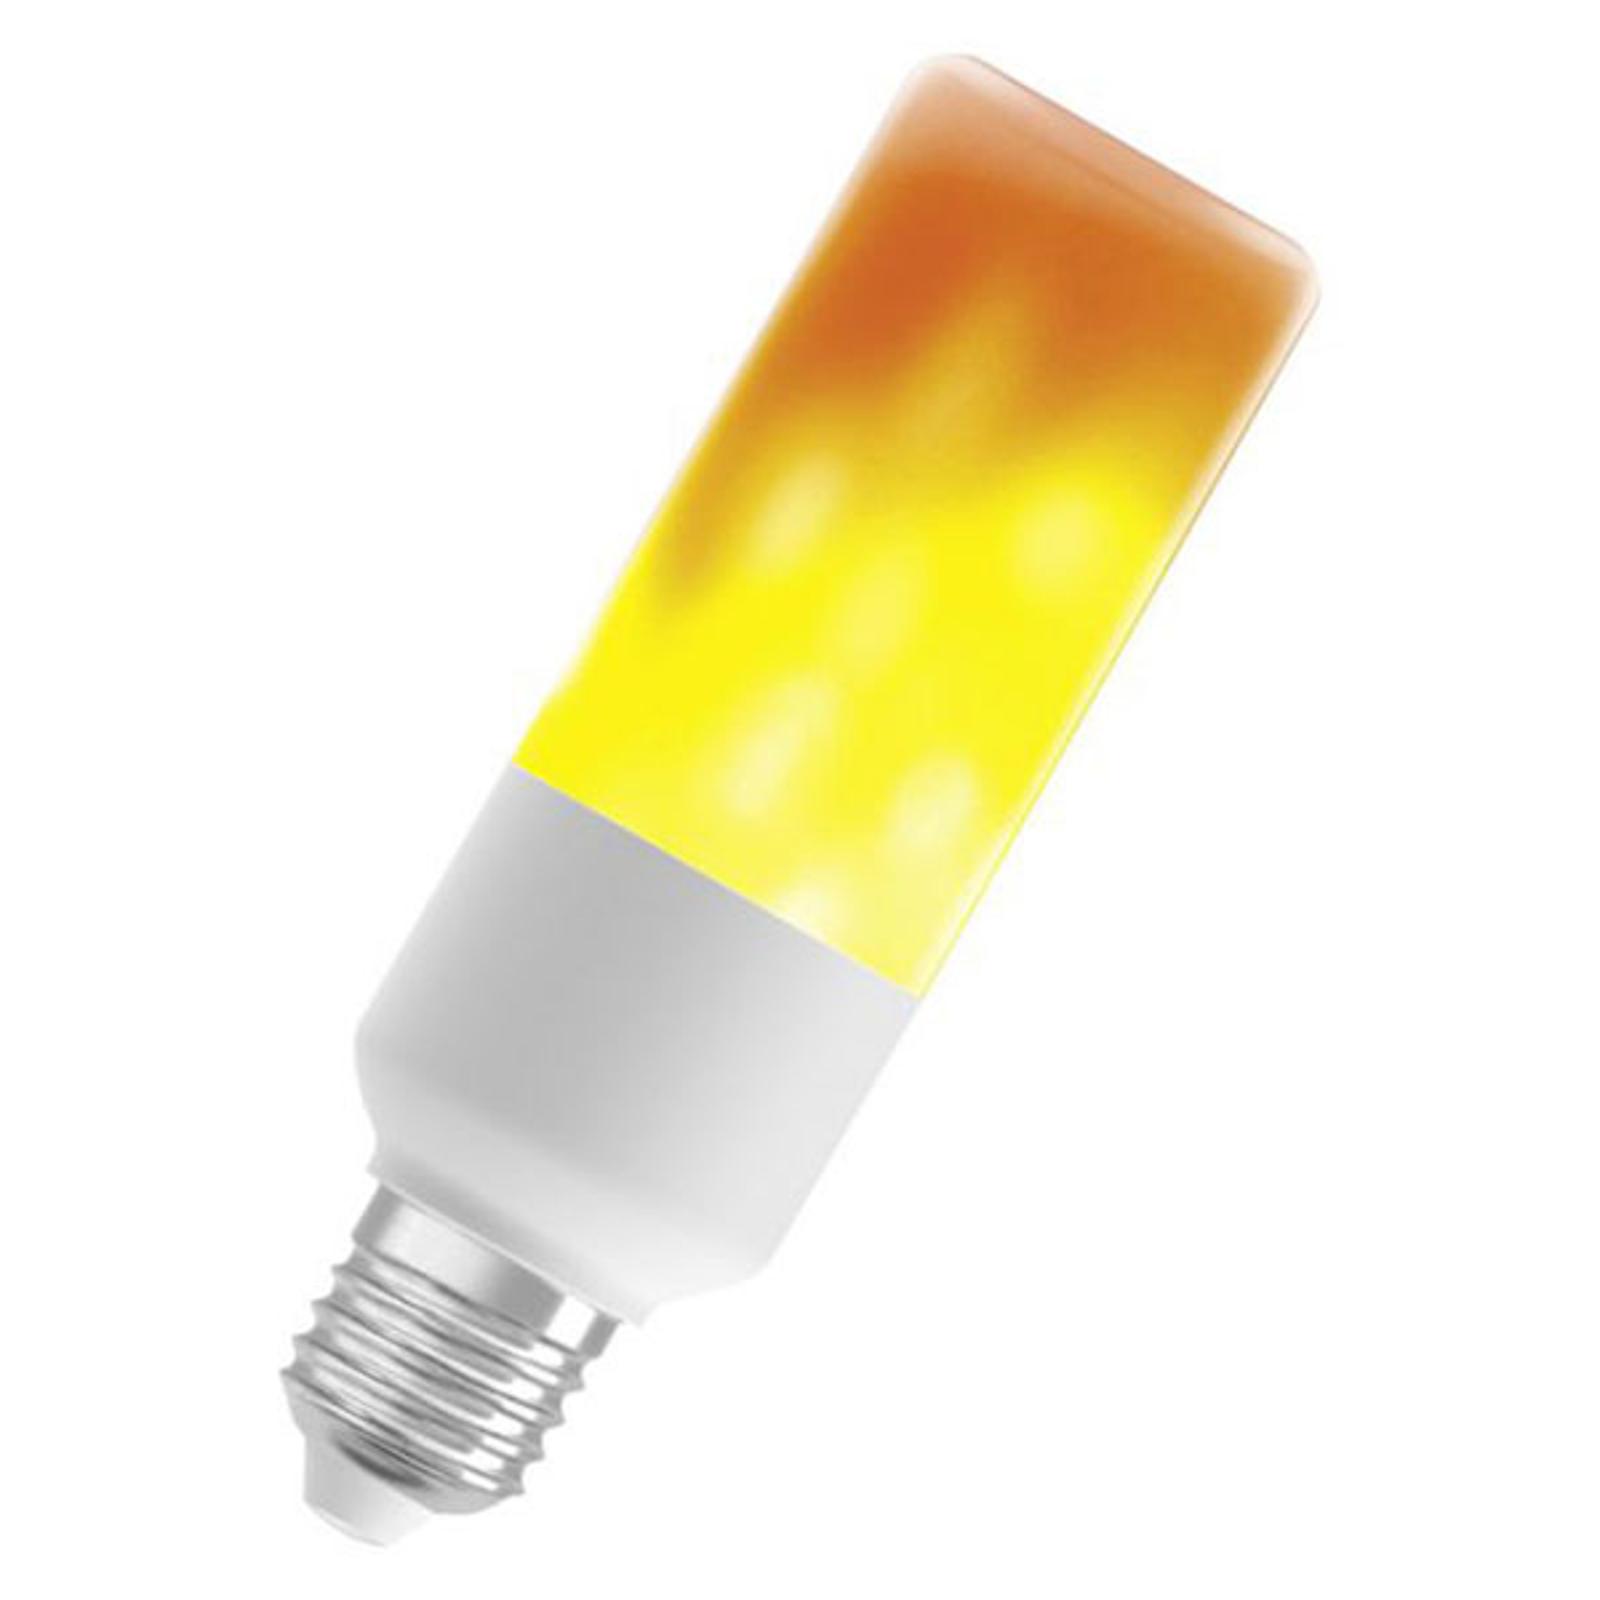 OSRAM Stick Flame LED-lampa E27, 0,5 W 1500K